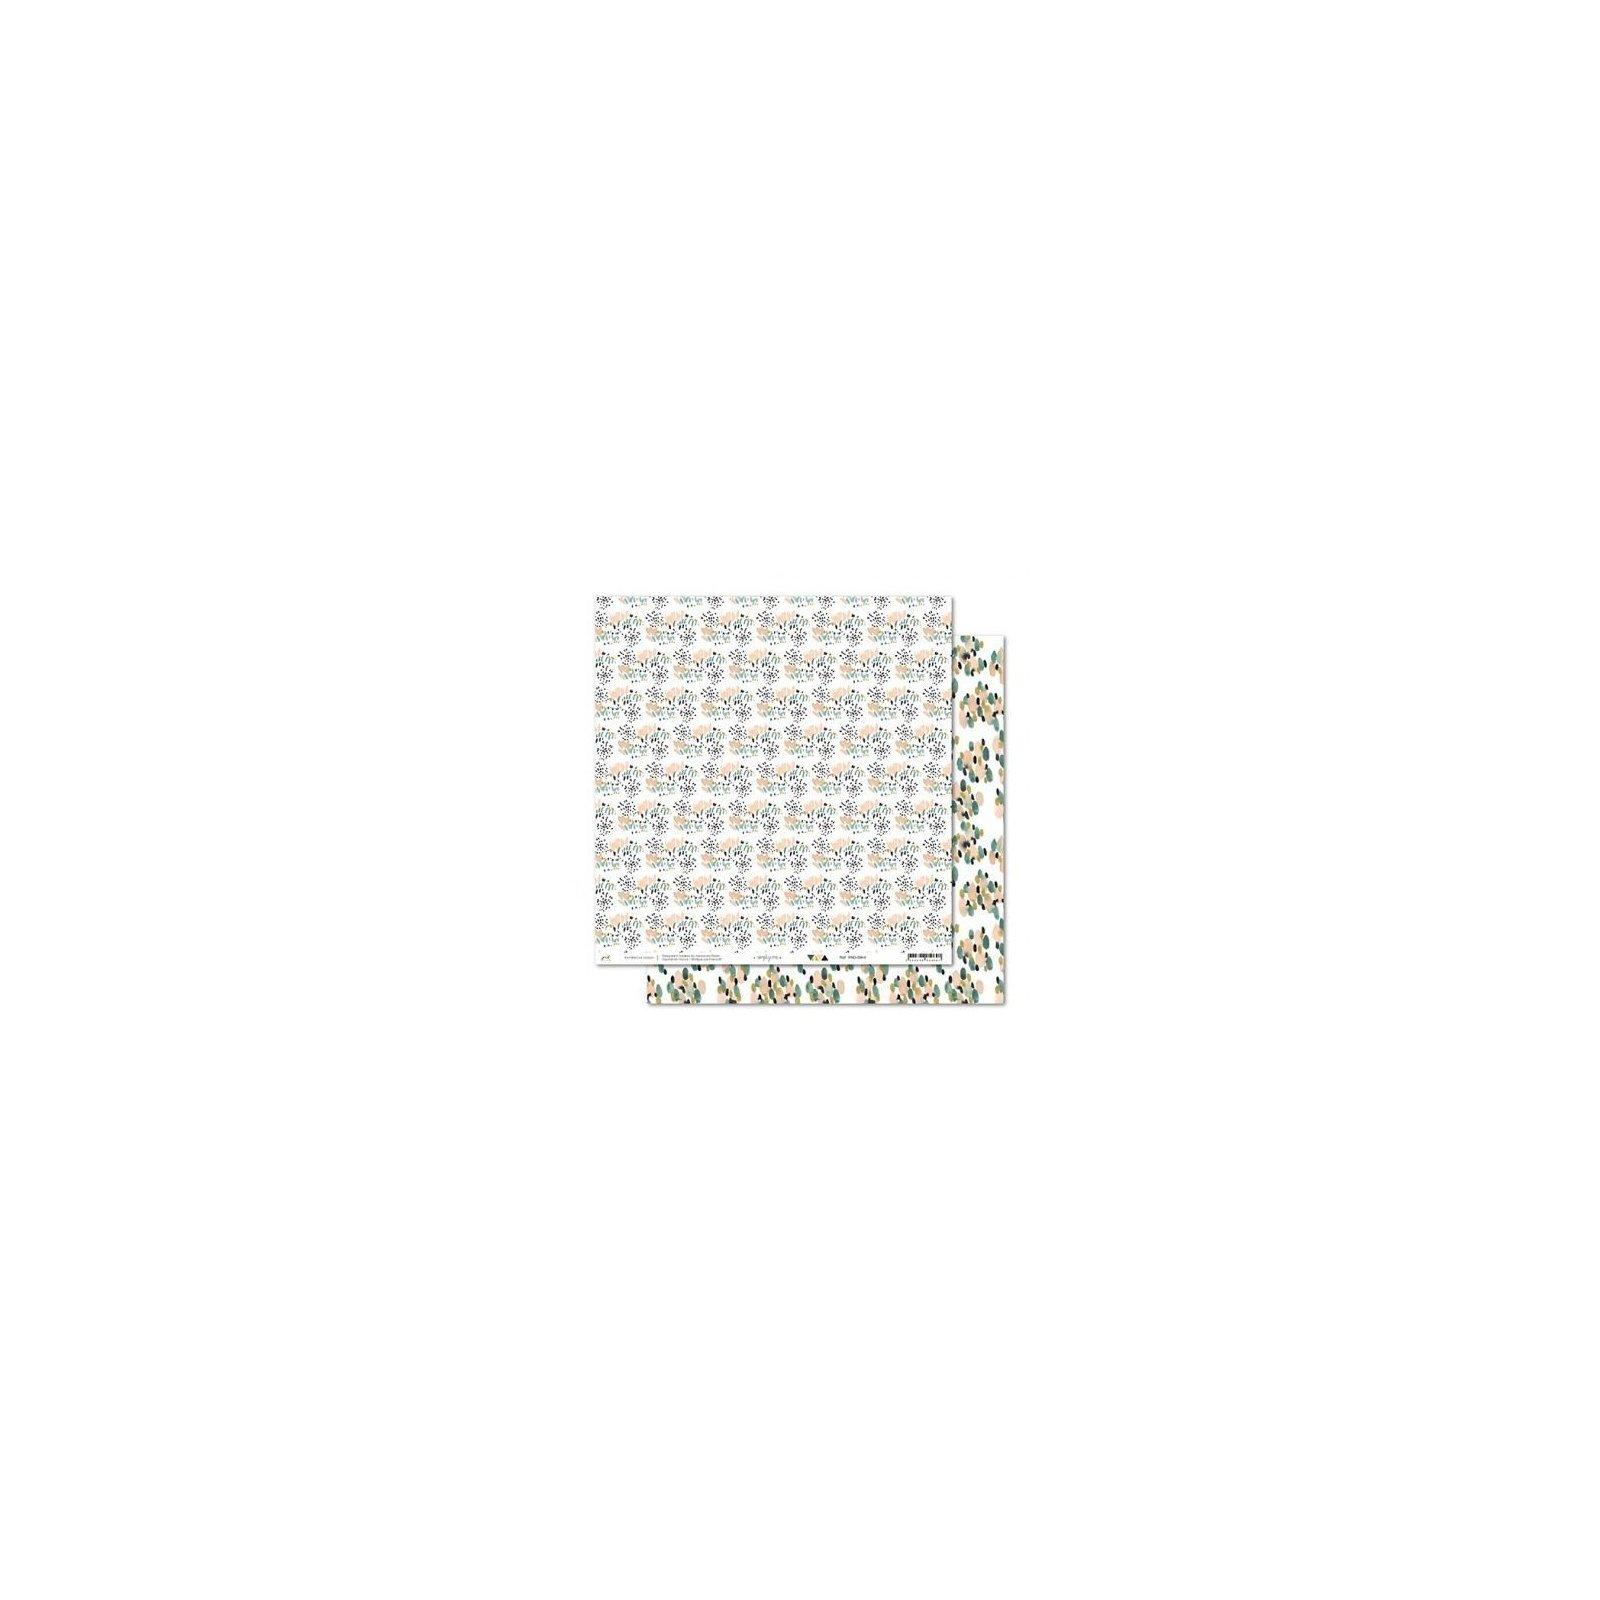 Papier imprimé 30x30 - Simply Me 4 - PaperNova Design